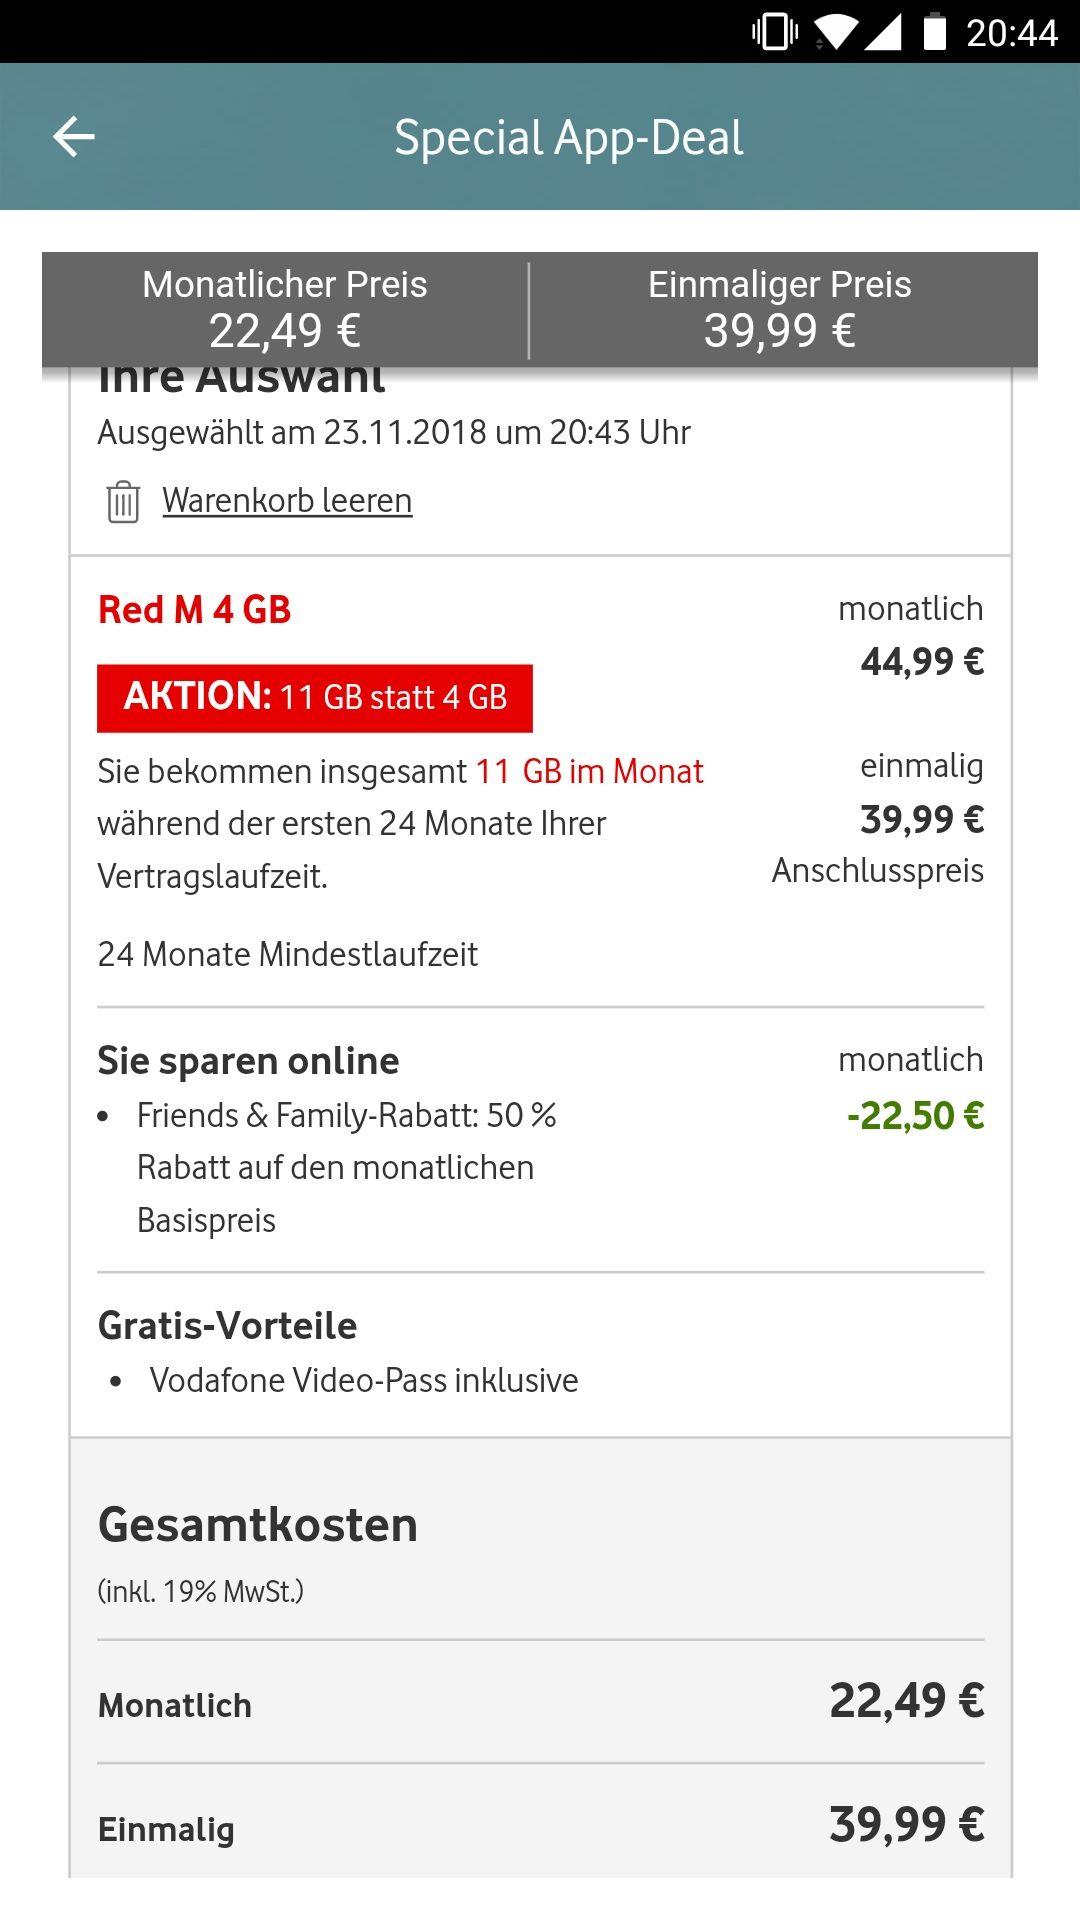 Vodafone App - 11GB LTE mit Vodafone Pass, Allnetflat & SMS eff. 24, 15€ monatlich